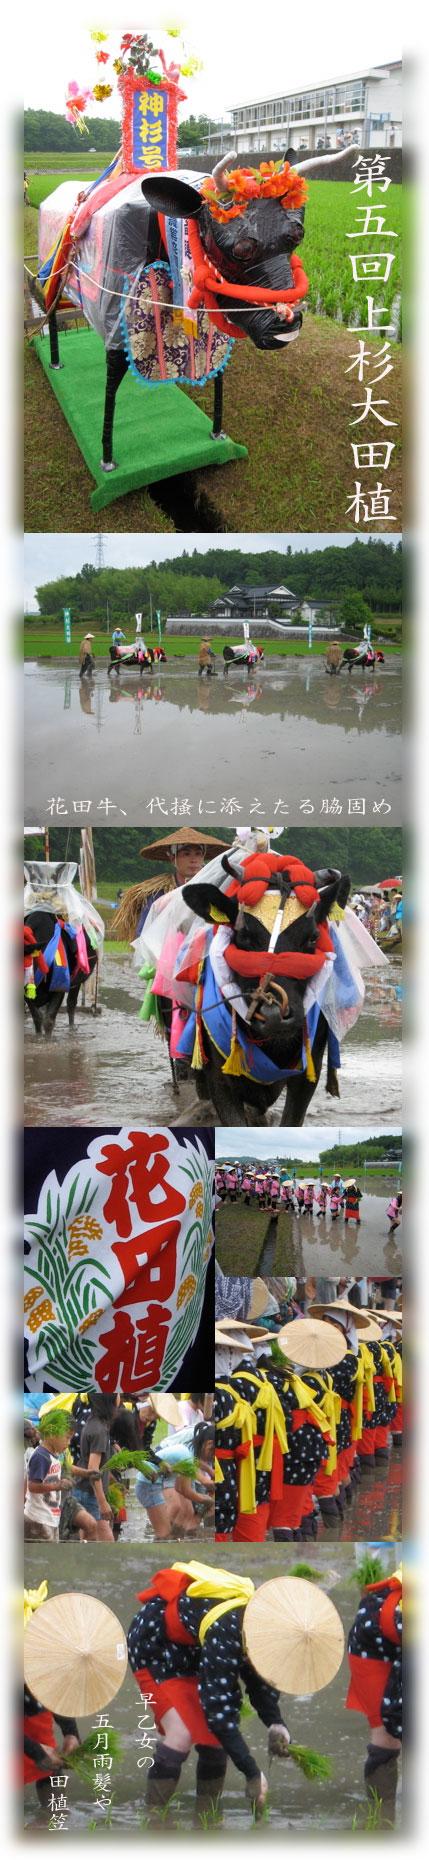 上杉大田植え祭り